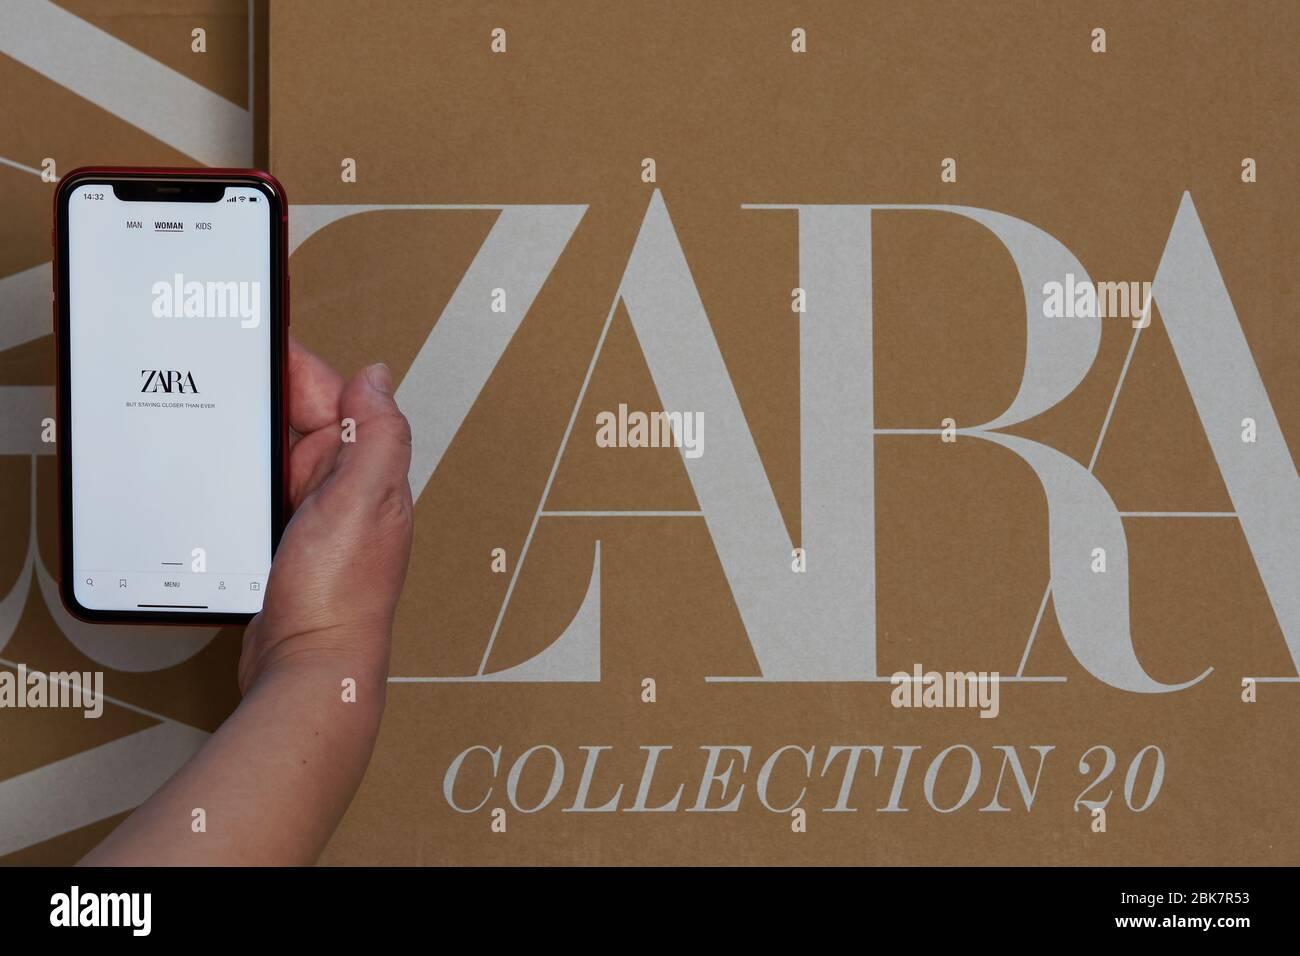 zara spanische kleidung marke online-lieferung box. hand auf